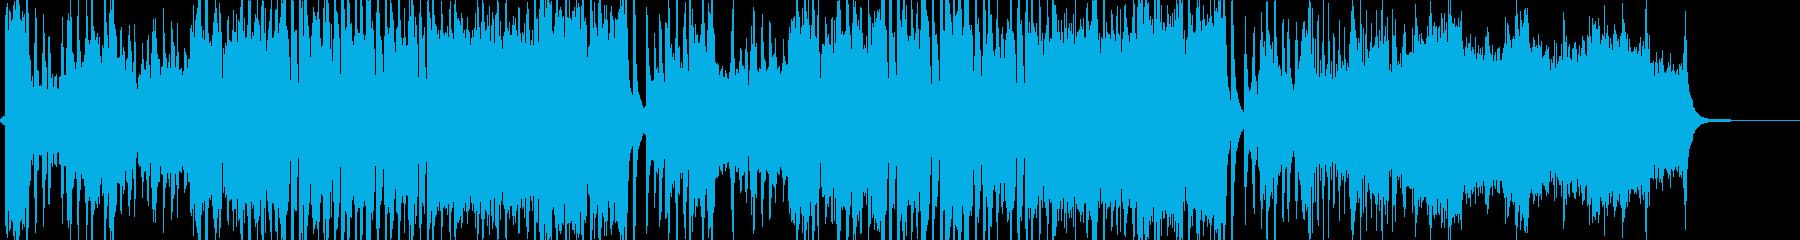 戦場を演出するオーケストラ ピアノ無Aの再生済みの波形